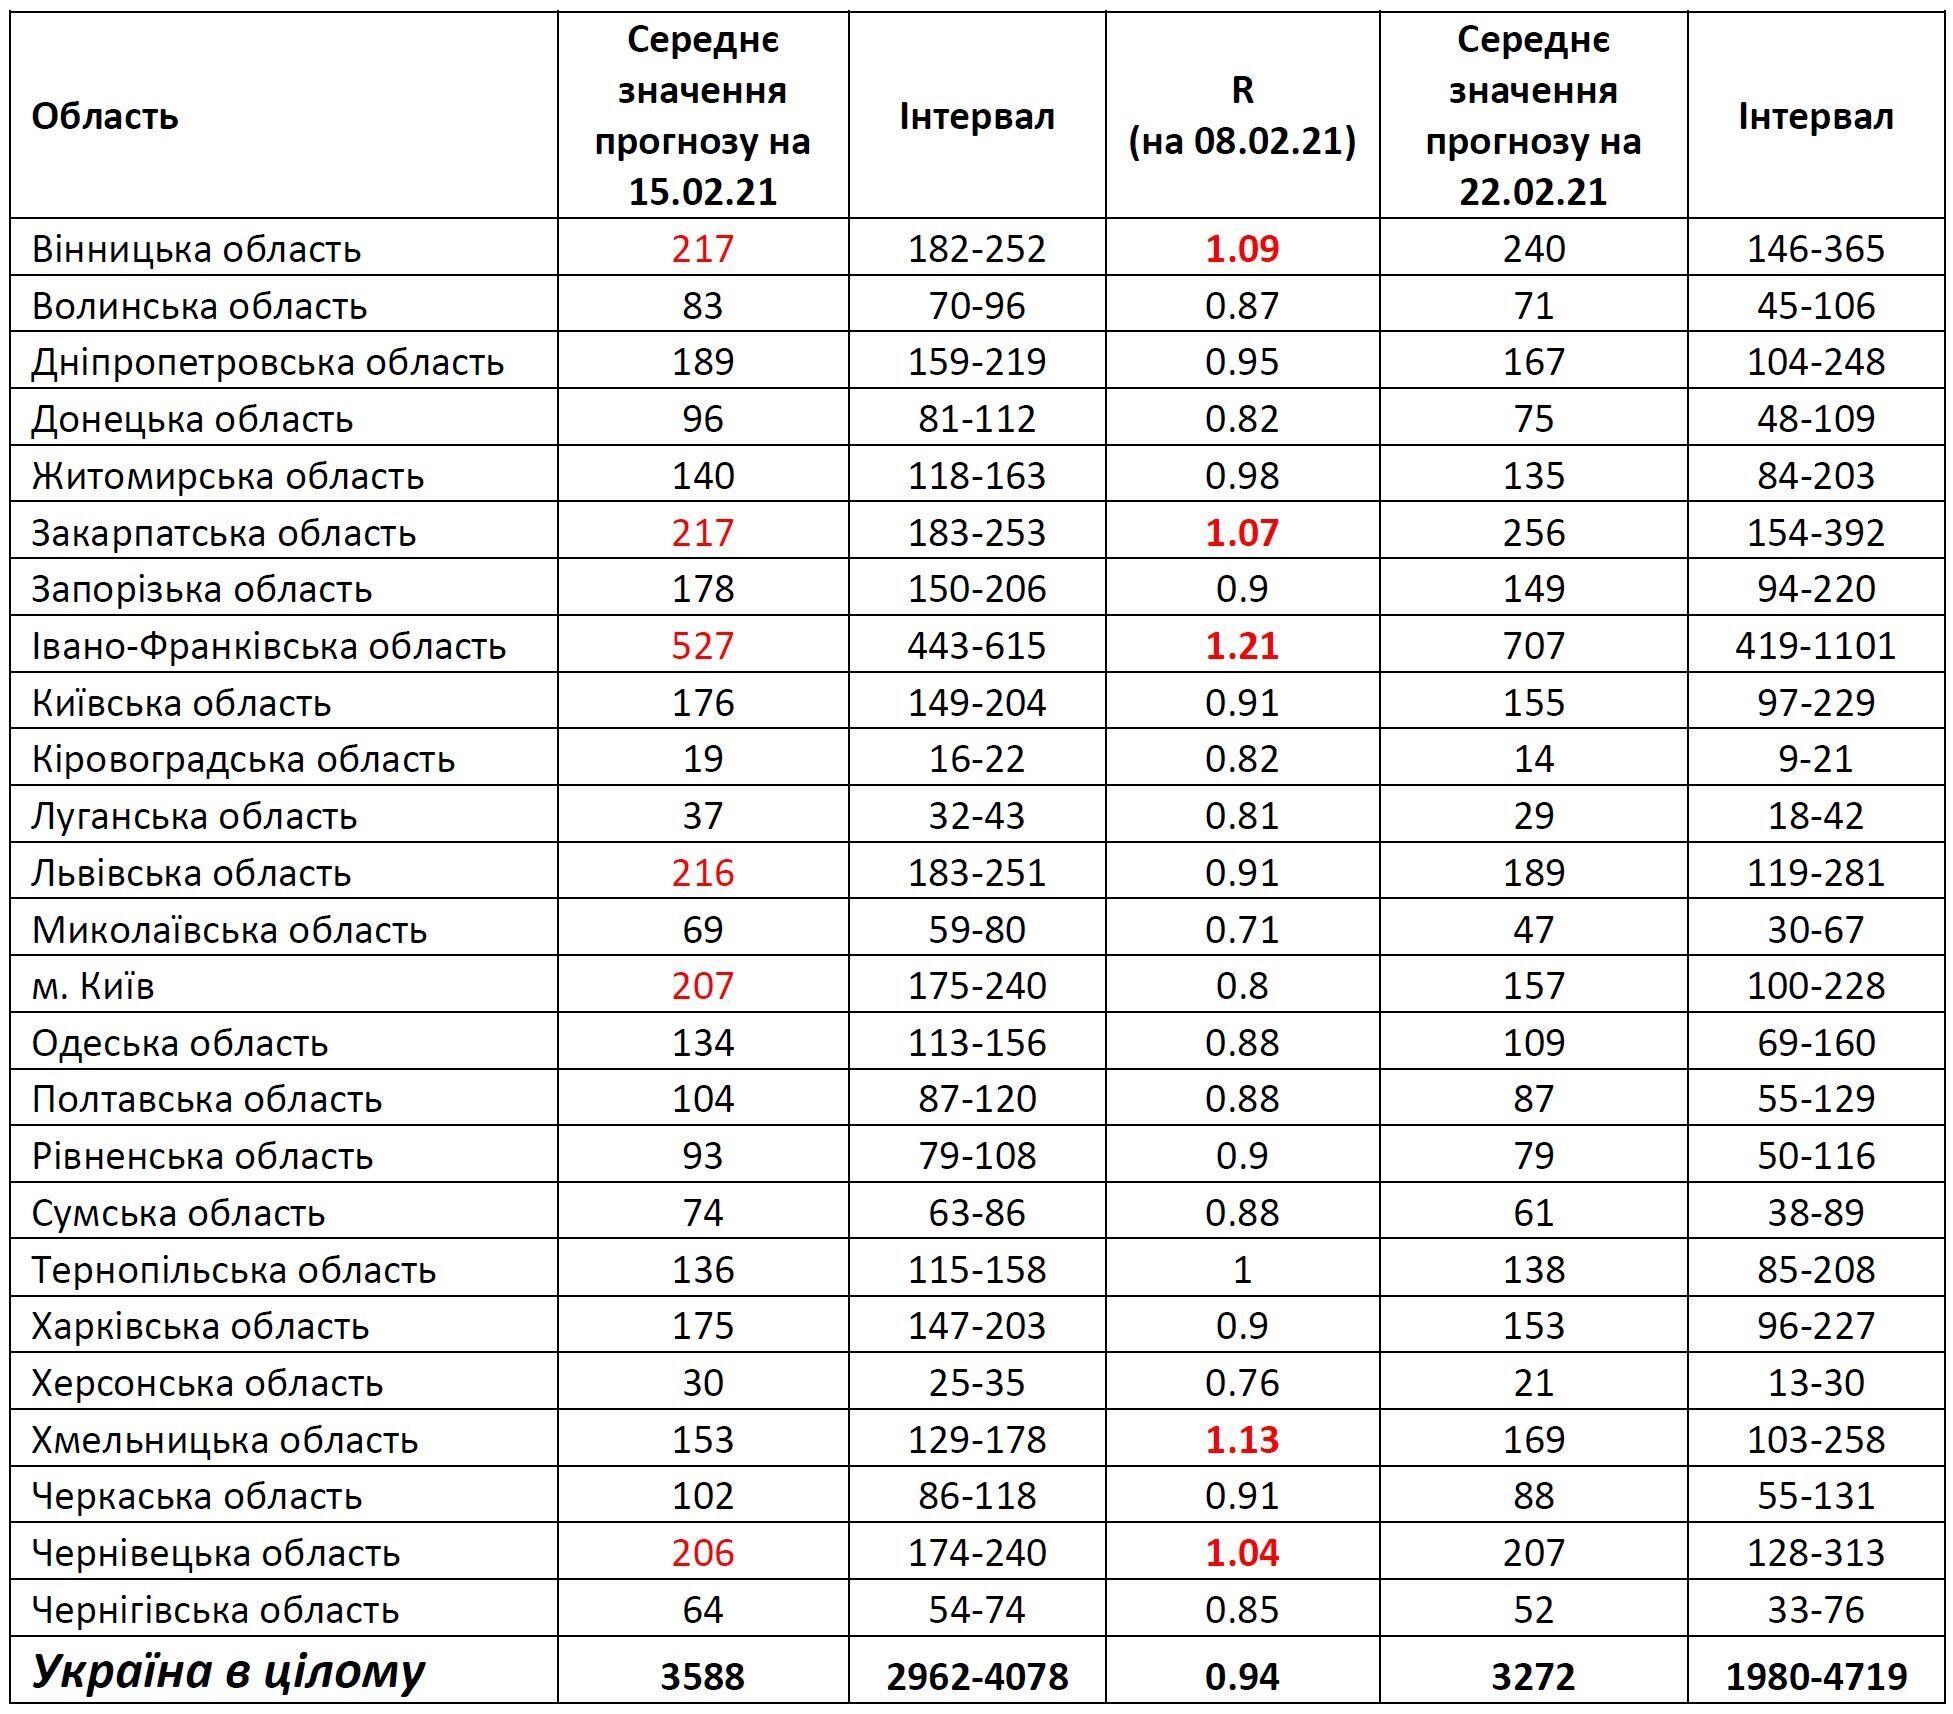 Прогнозные значения новых инфицированных в день для регионов Украины на 15.02.2021 и на 22.02.2021 г. и текущая оценка репродуктивного числа